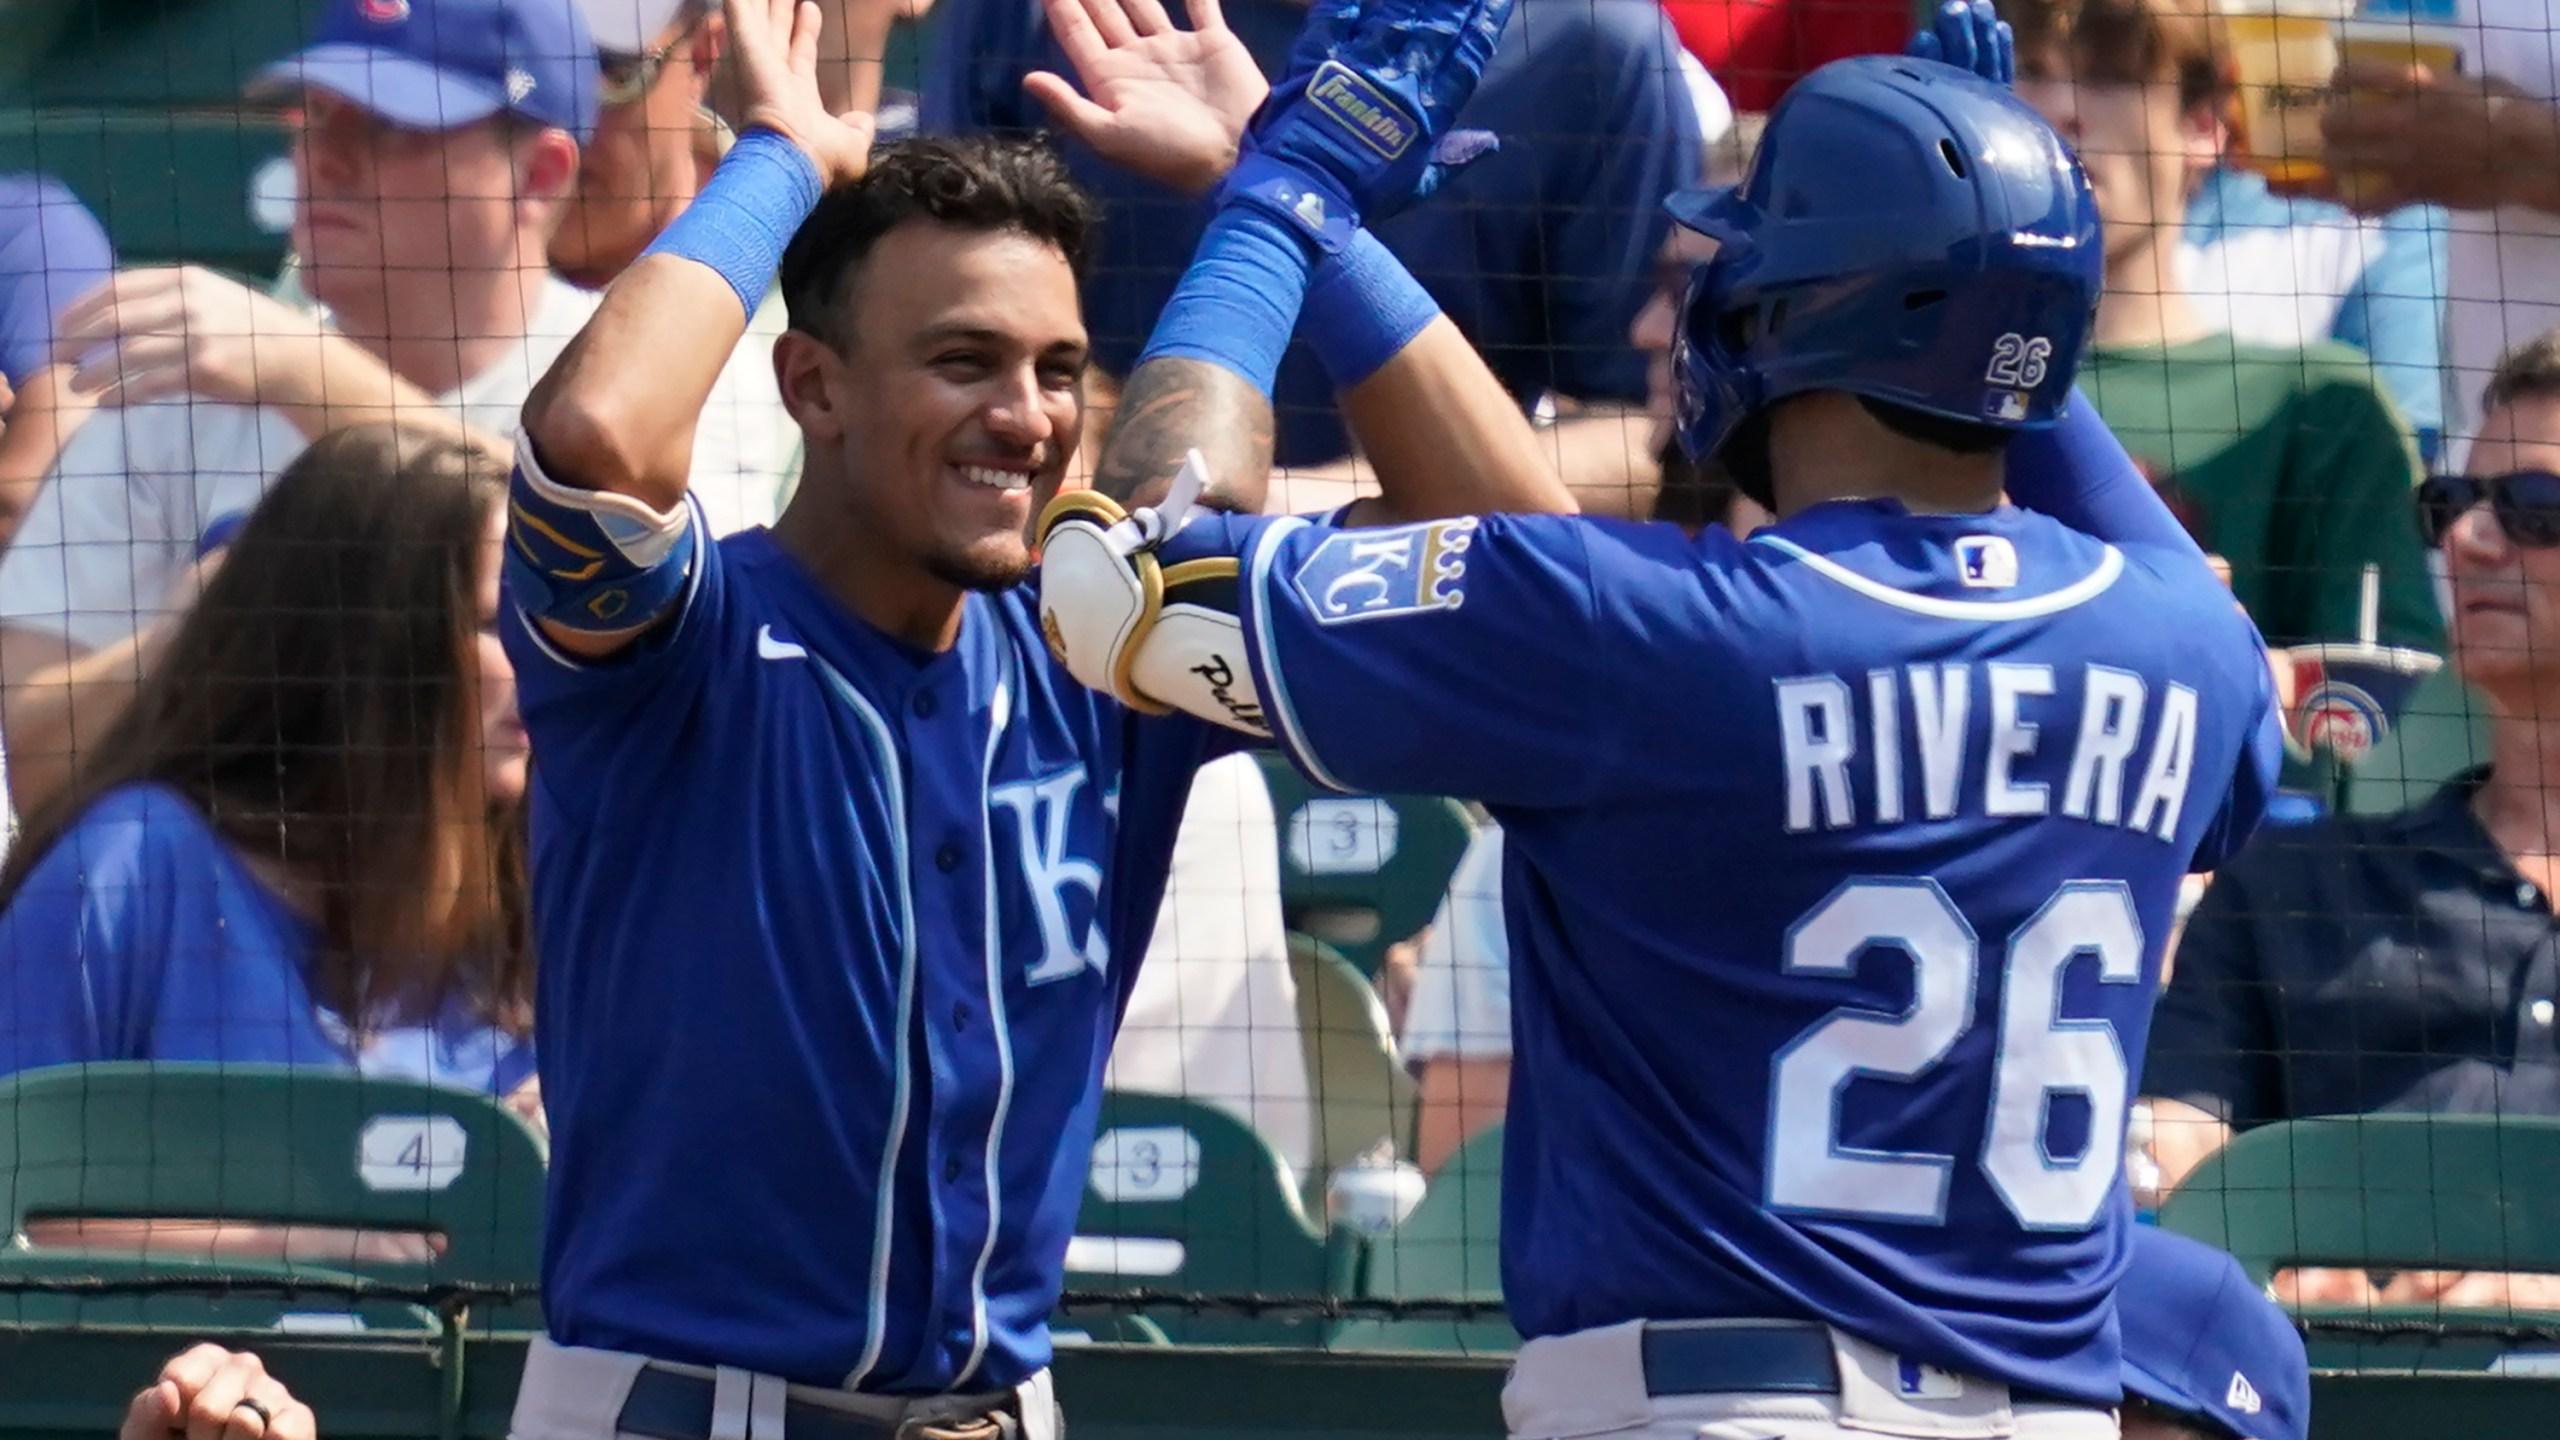 Emmanuel Rivera, Nicky Lopez